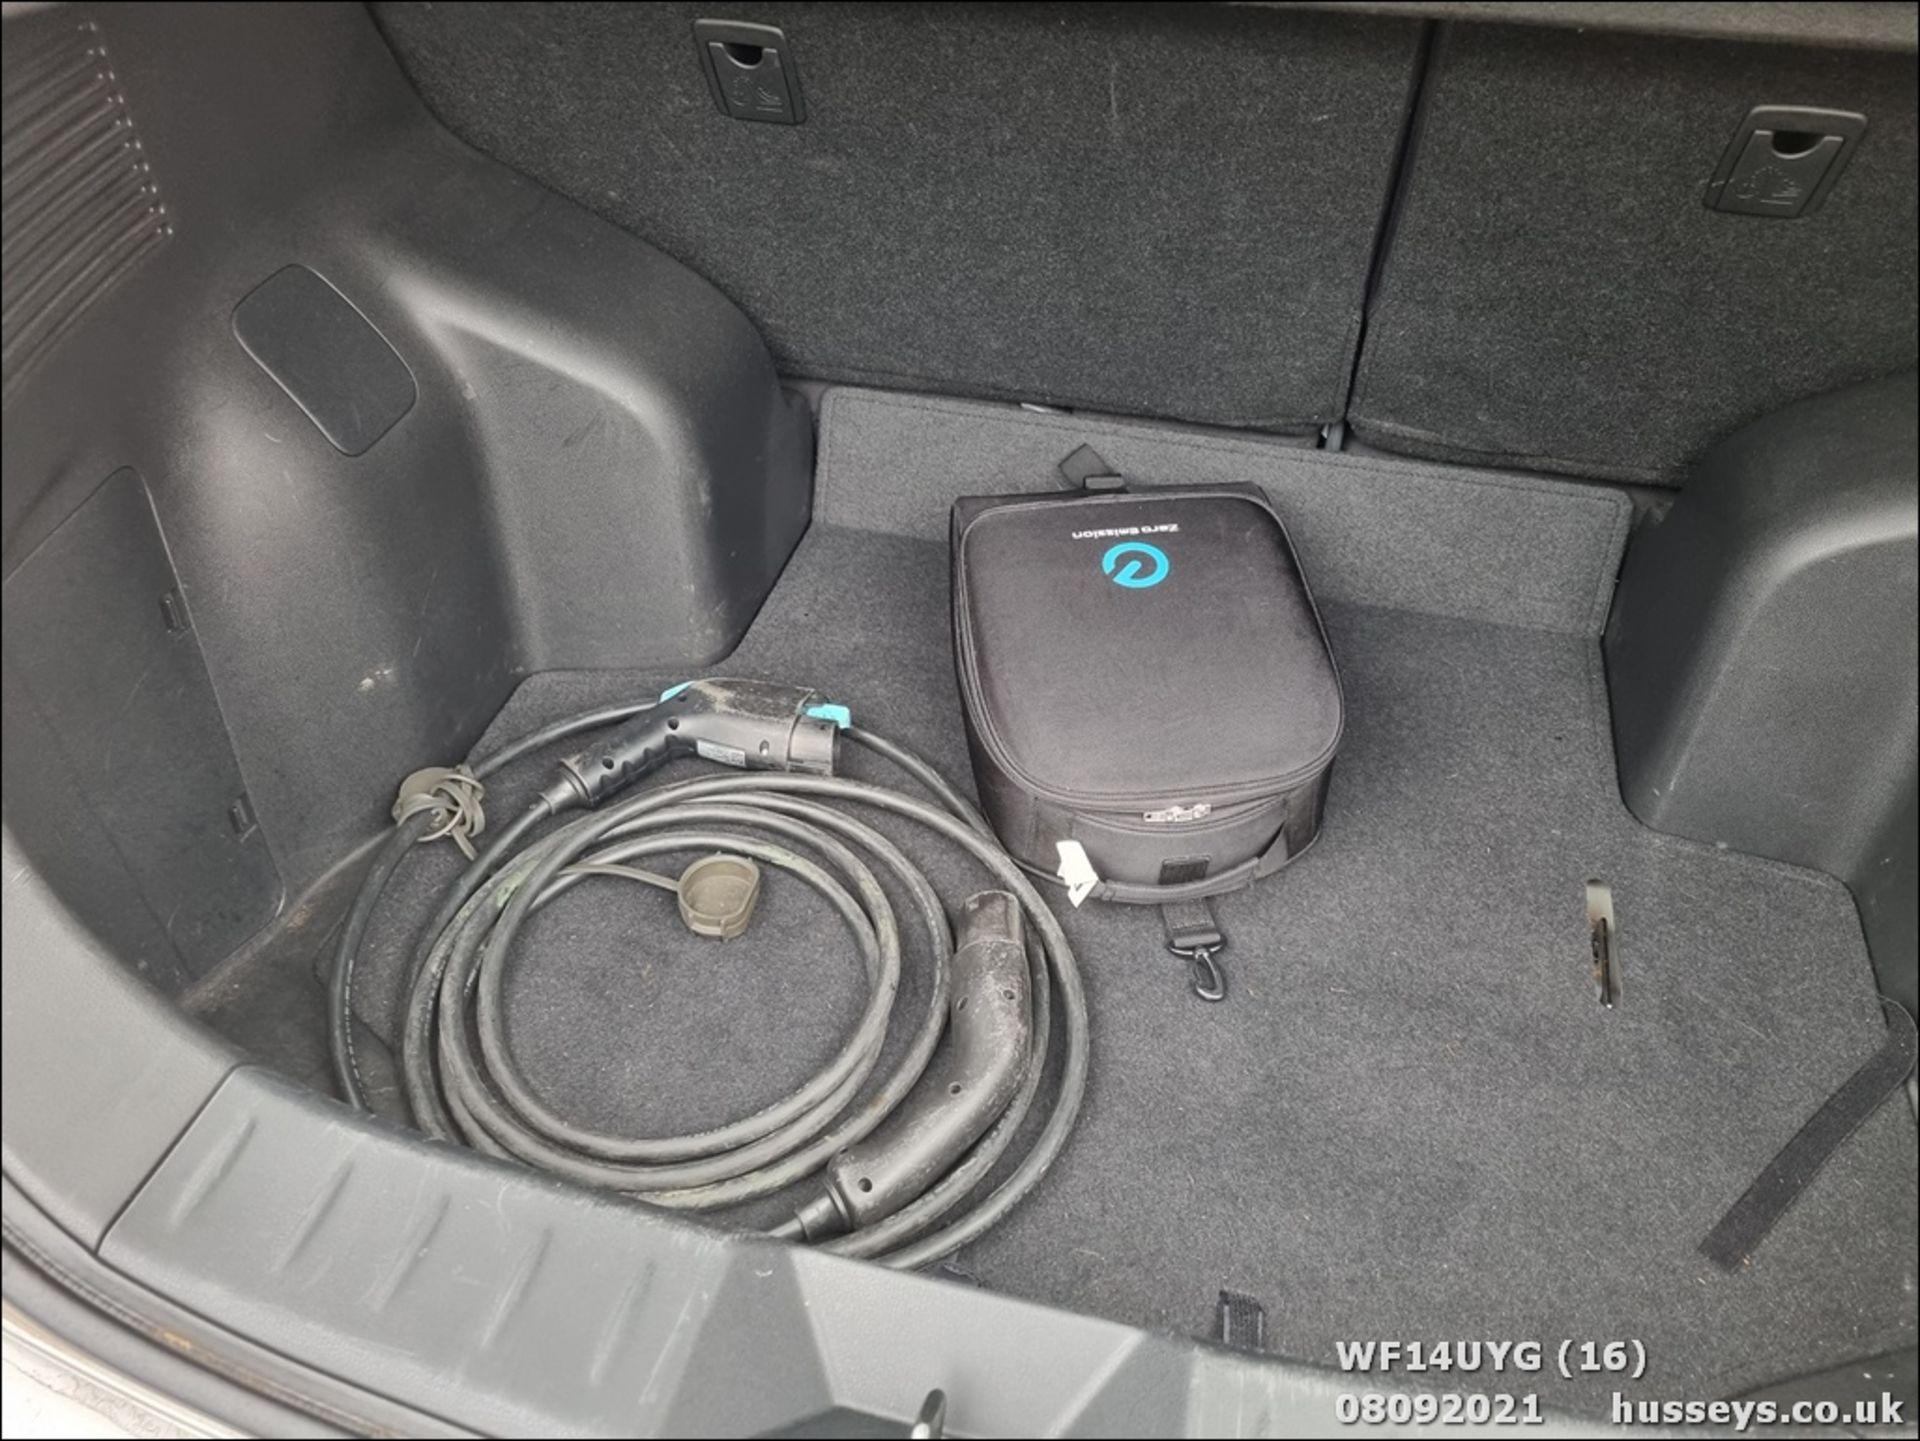 14/14 NISSAN LEAF ACENTA 5dr Hatchback (Silver, 19k) - Image 16 of 26